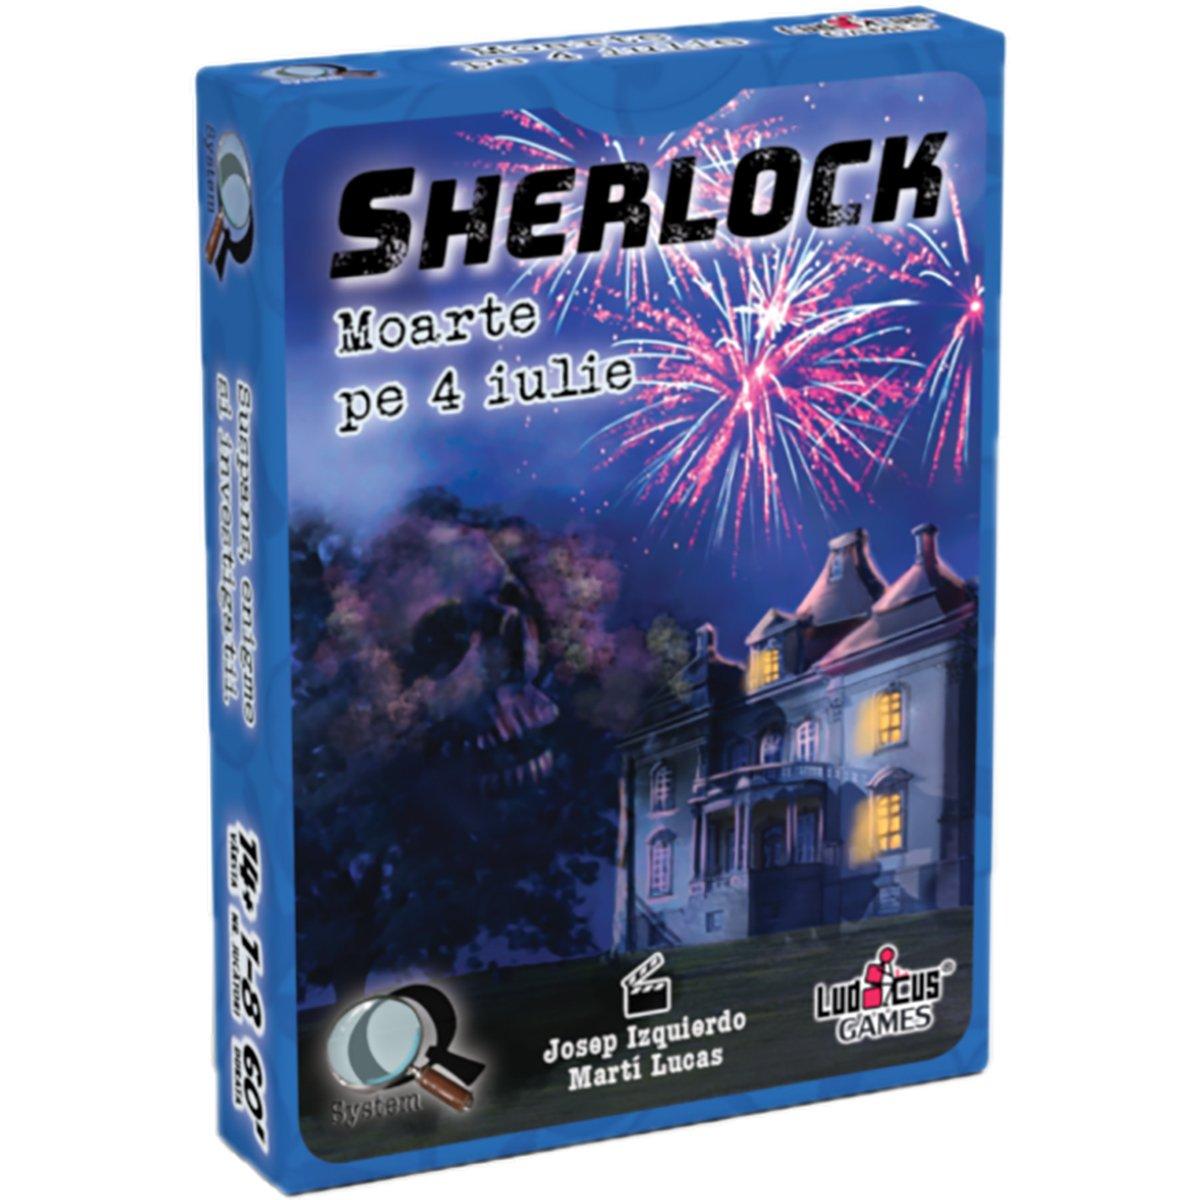 Joc de societate Enigma Studio, Sherlock, Q2 Moarte pe 4 iulie